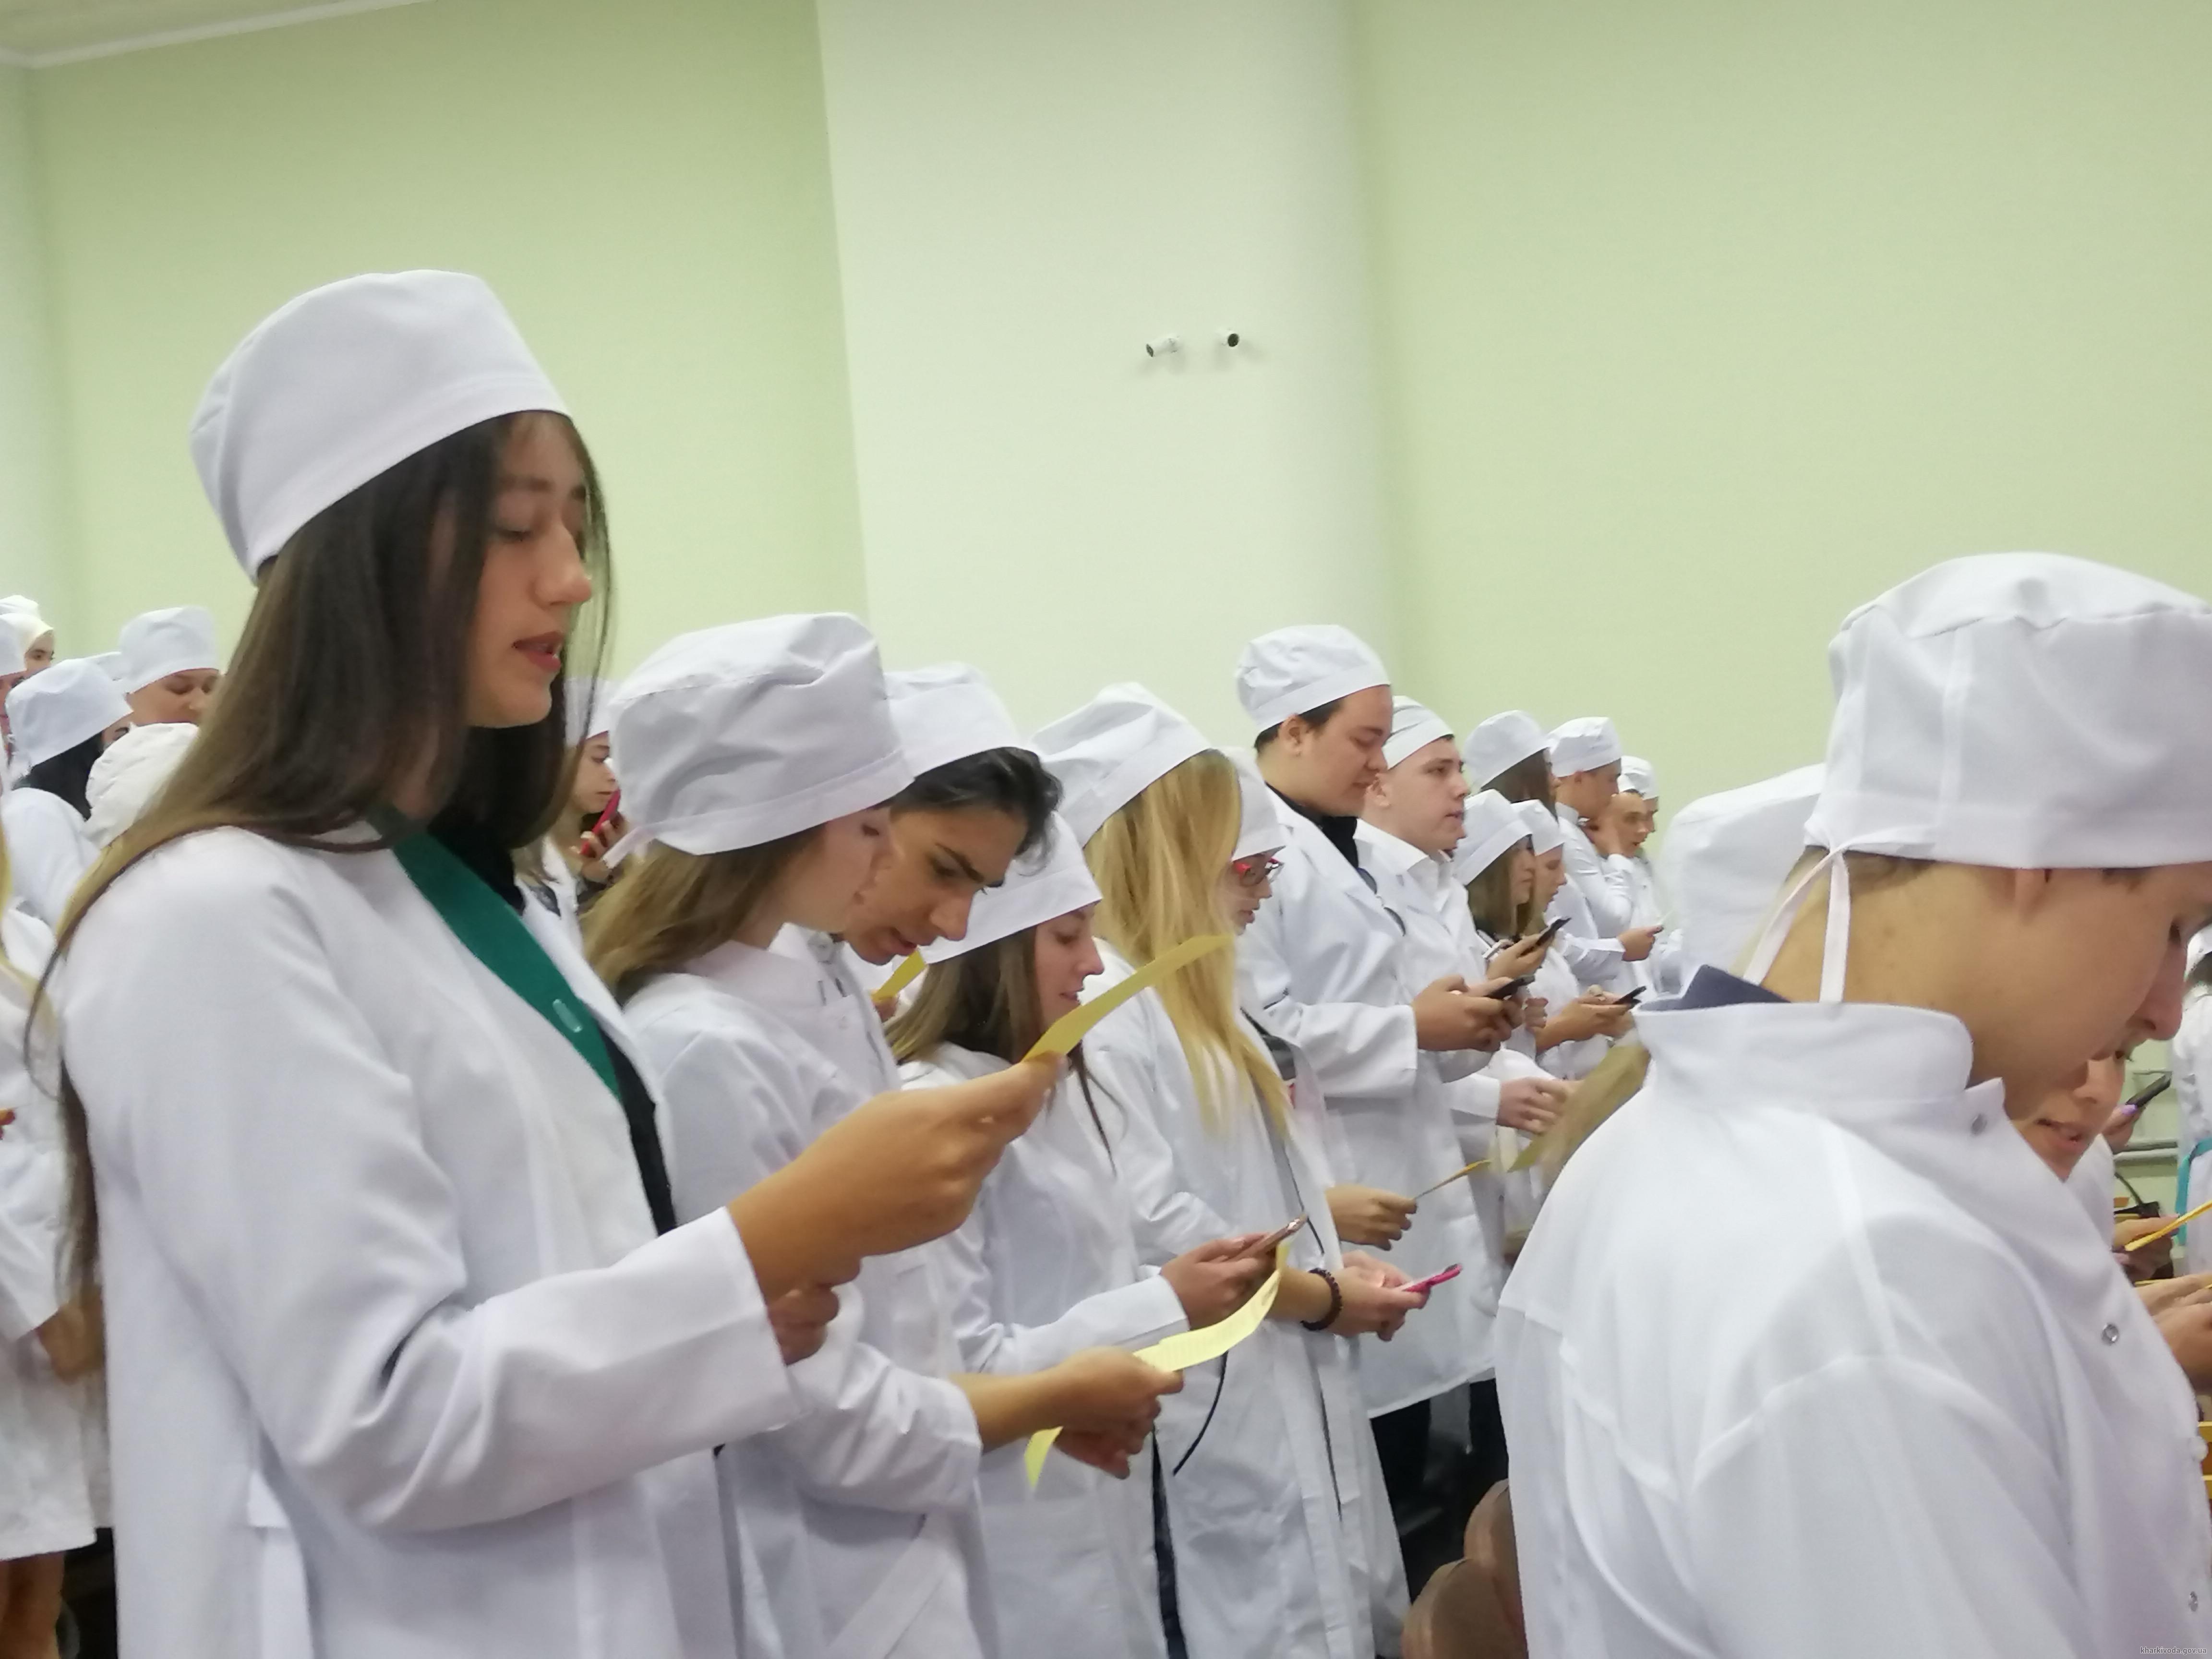 Картинки посвящение в студенты медики, словом браво